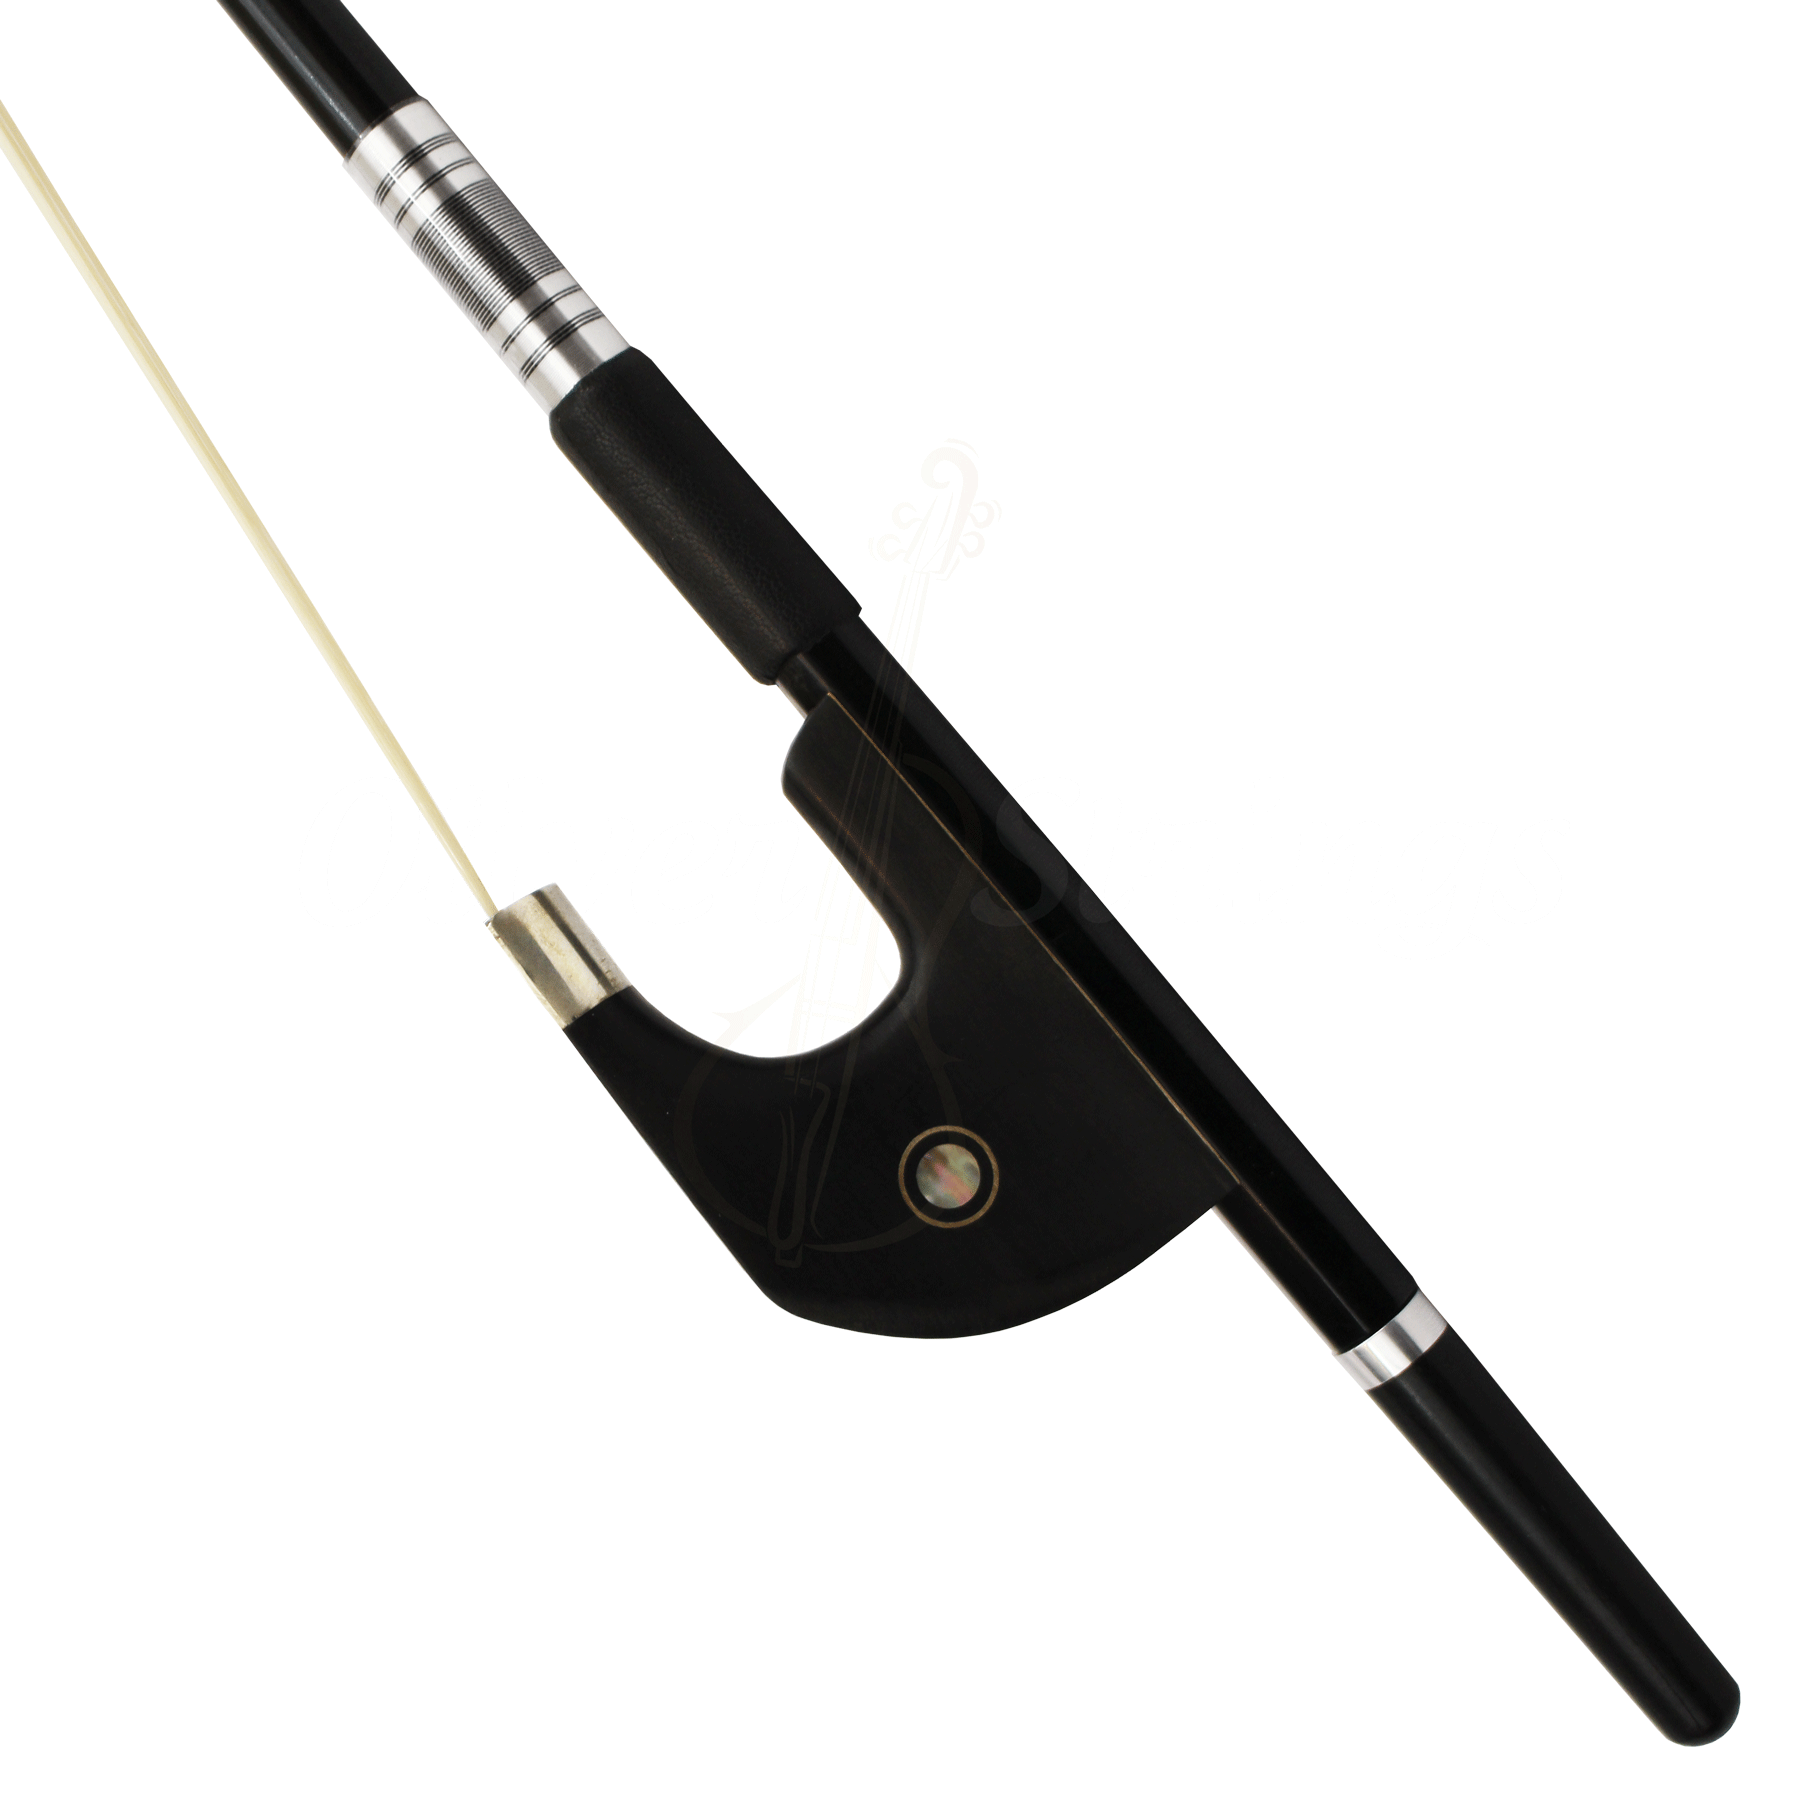 Arco modelo alemão liso em fibra de carbono contrabaixo 4/4